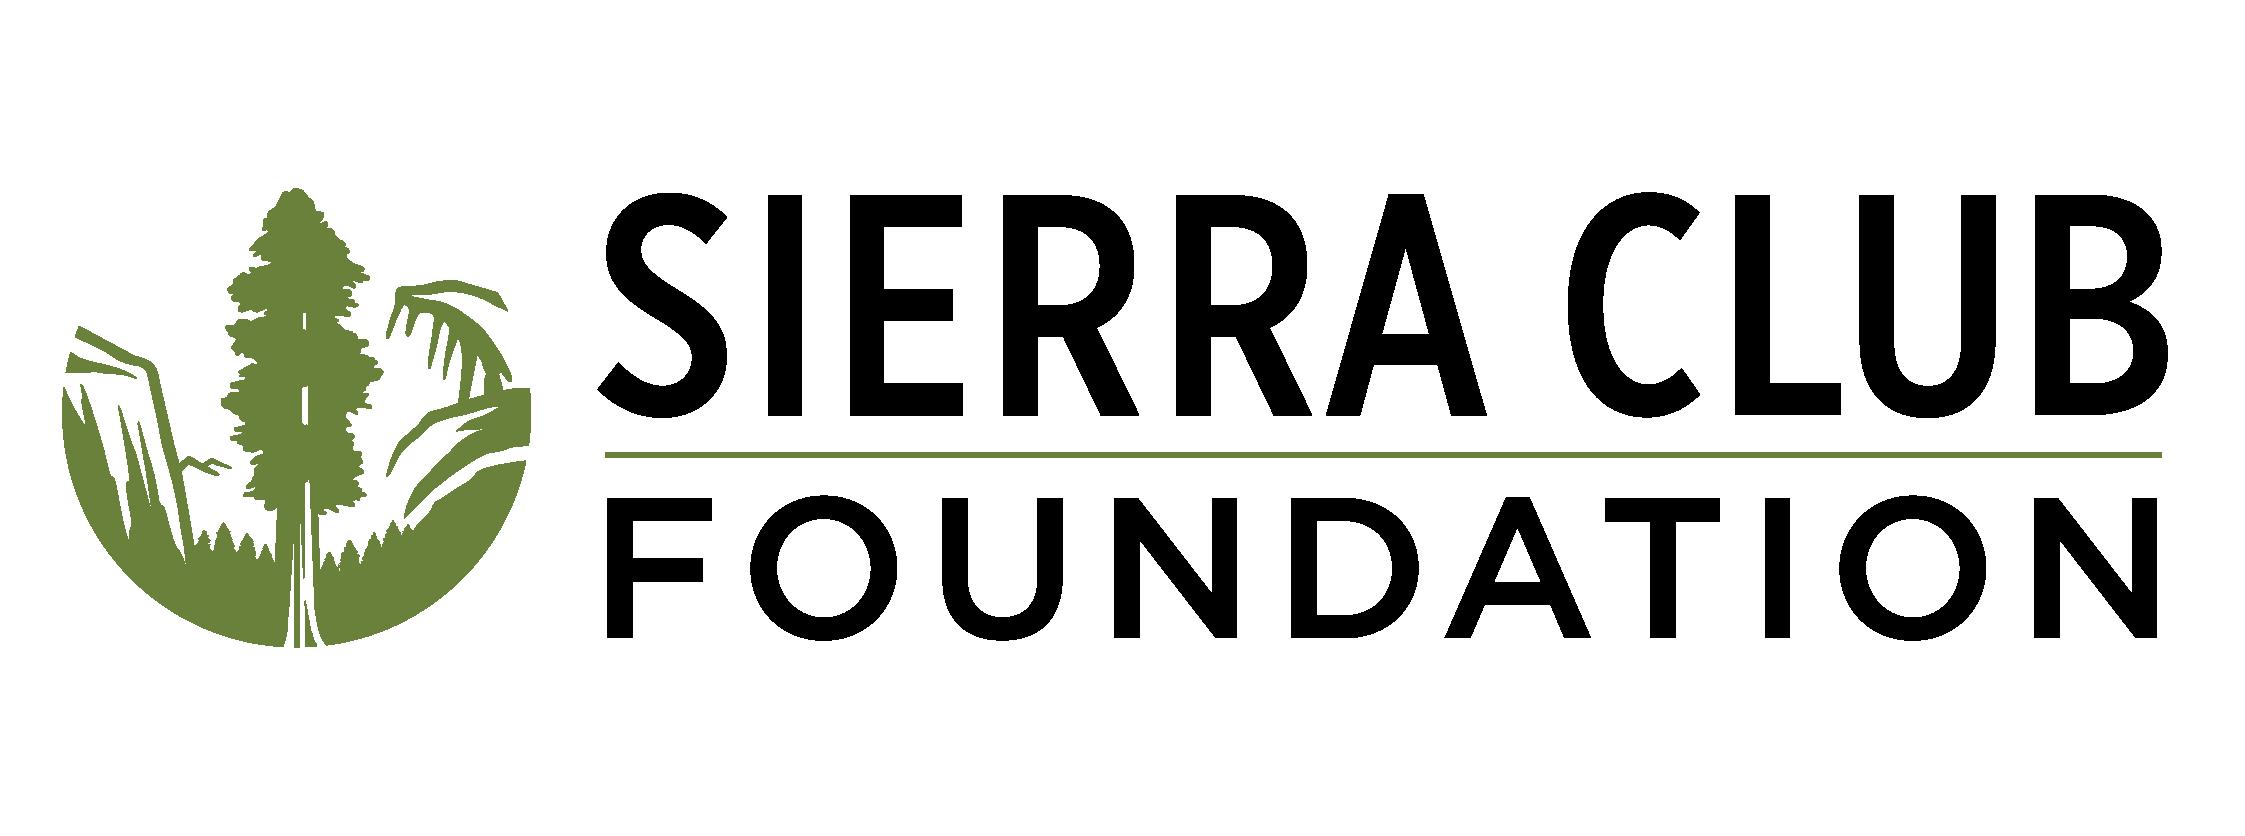 The Sierra Club Foundation logo